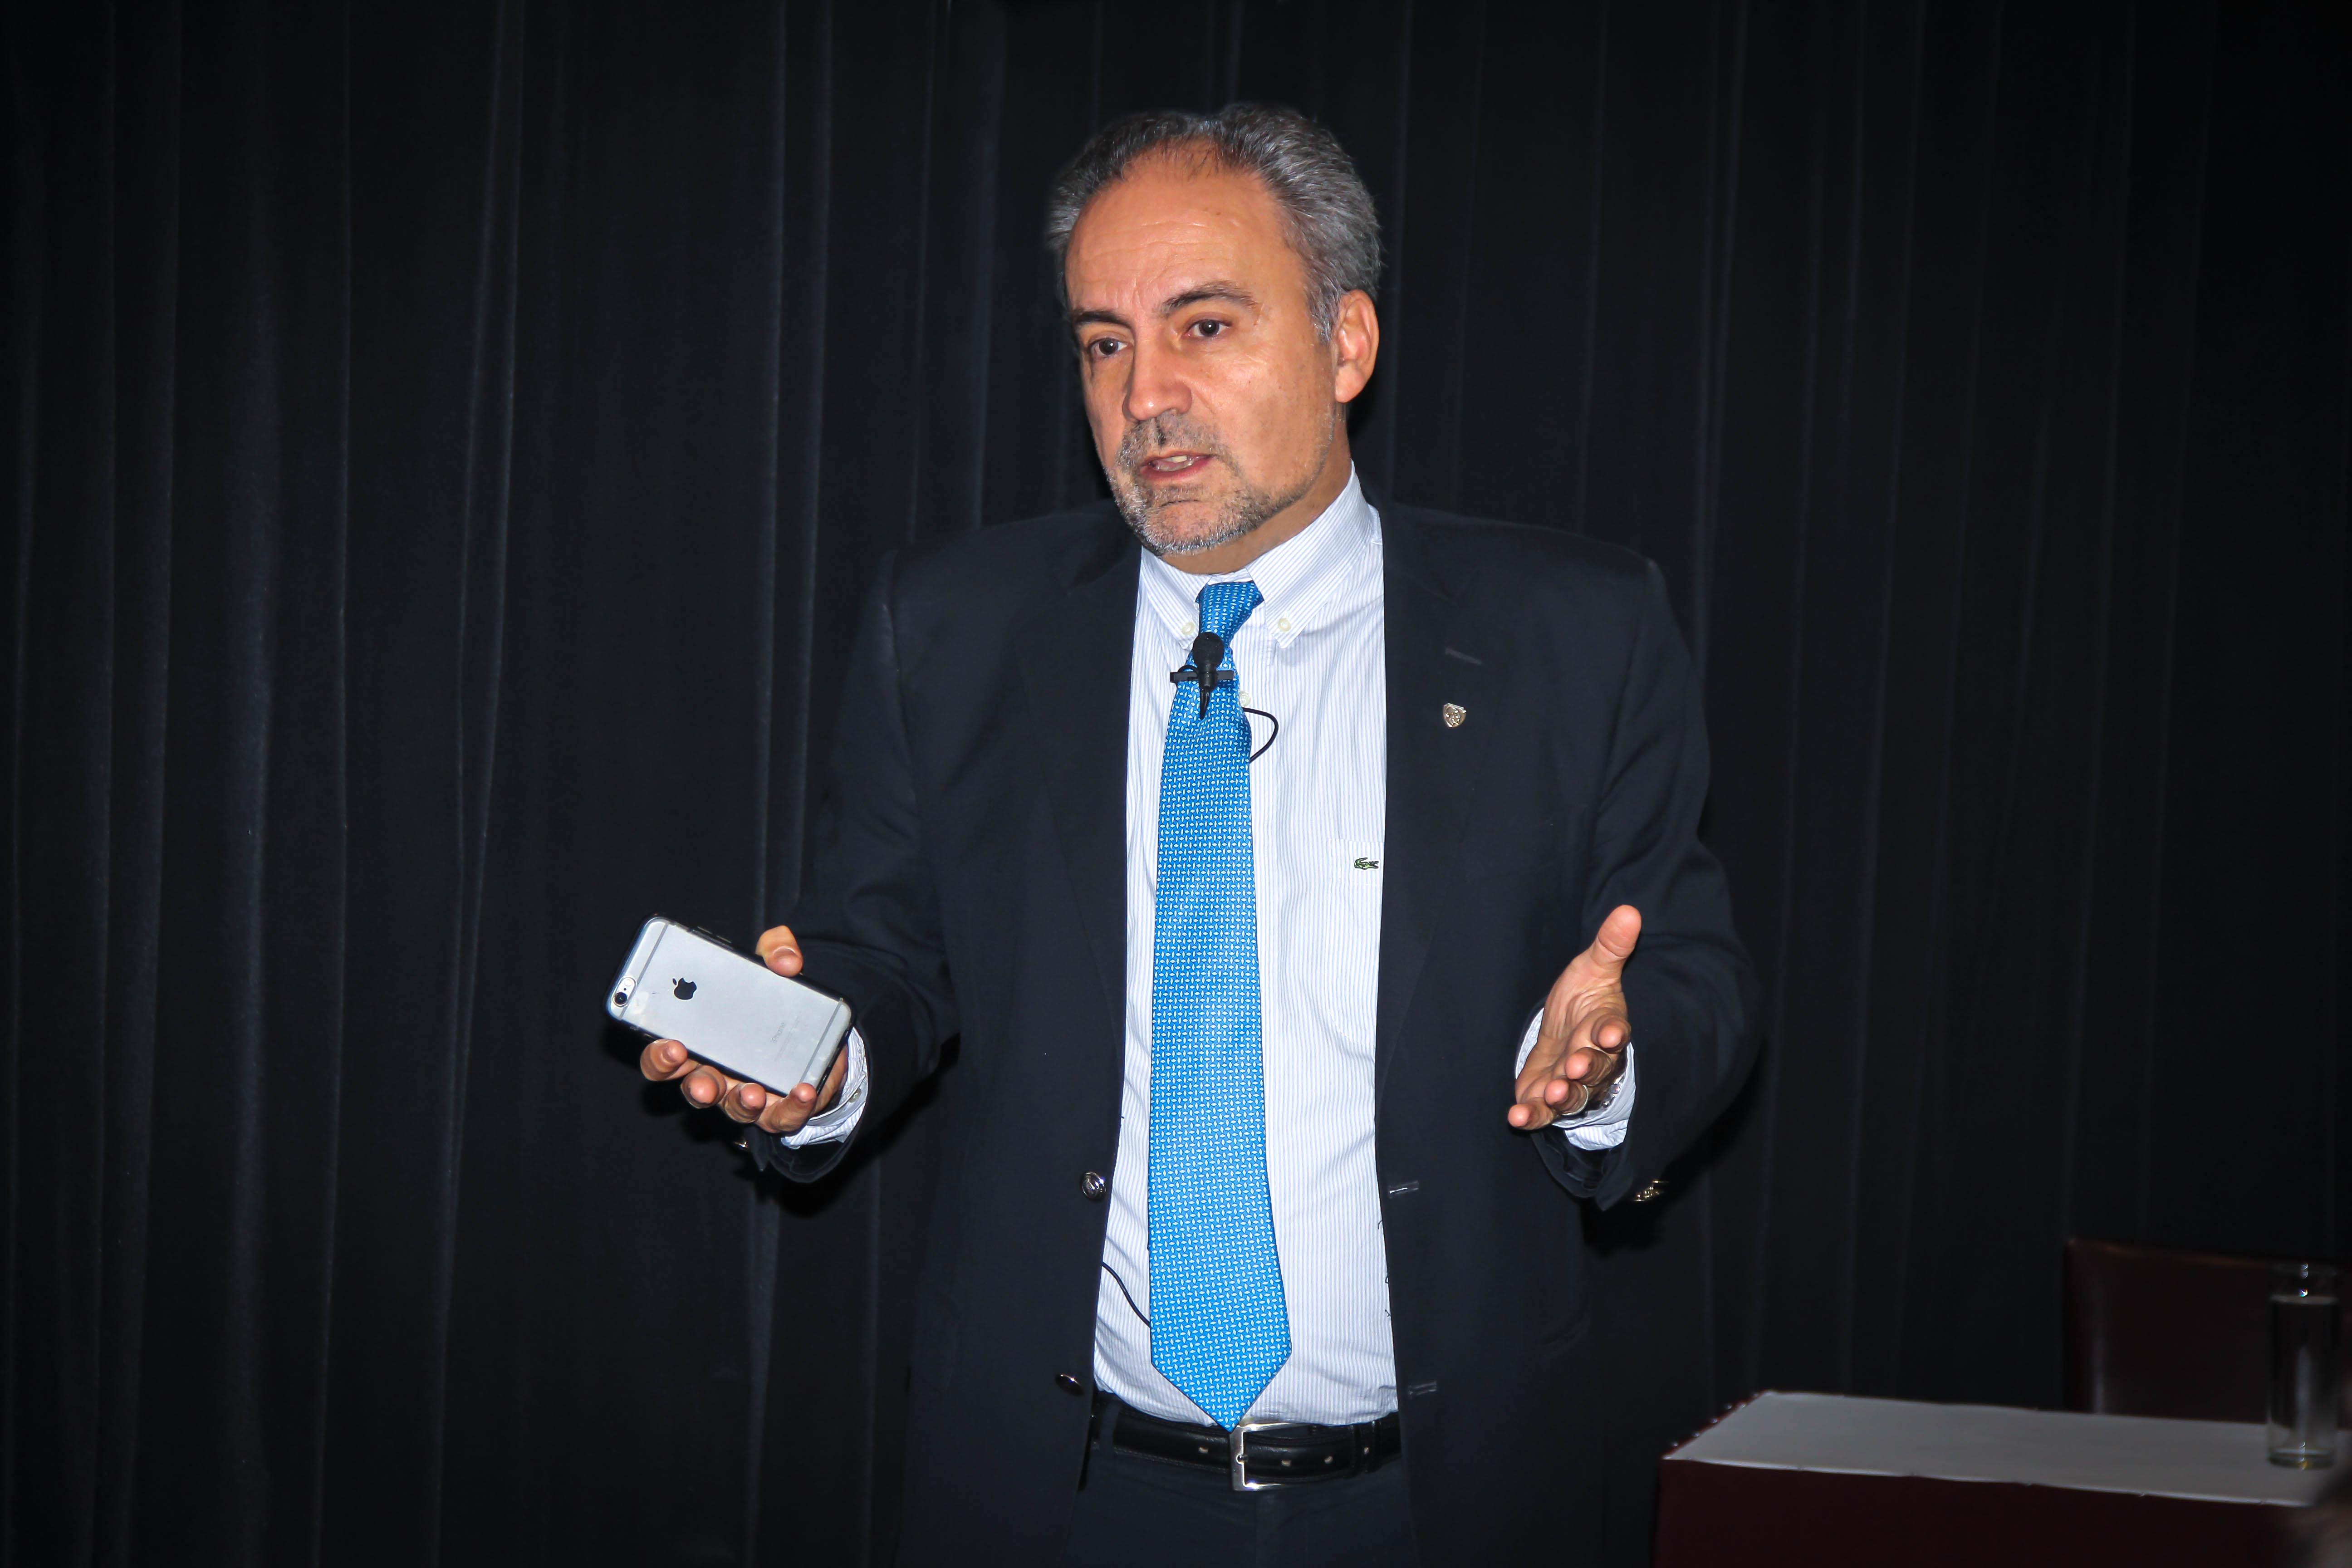 Profesro ADEN IBS Raymond Schefer